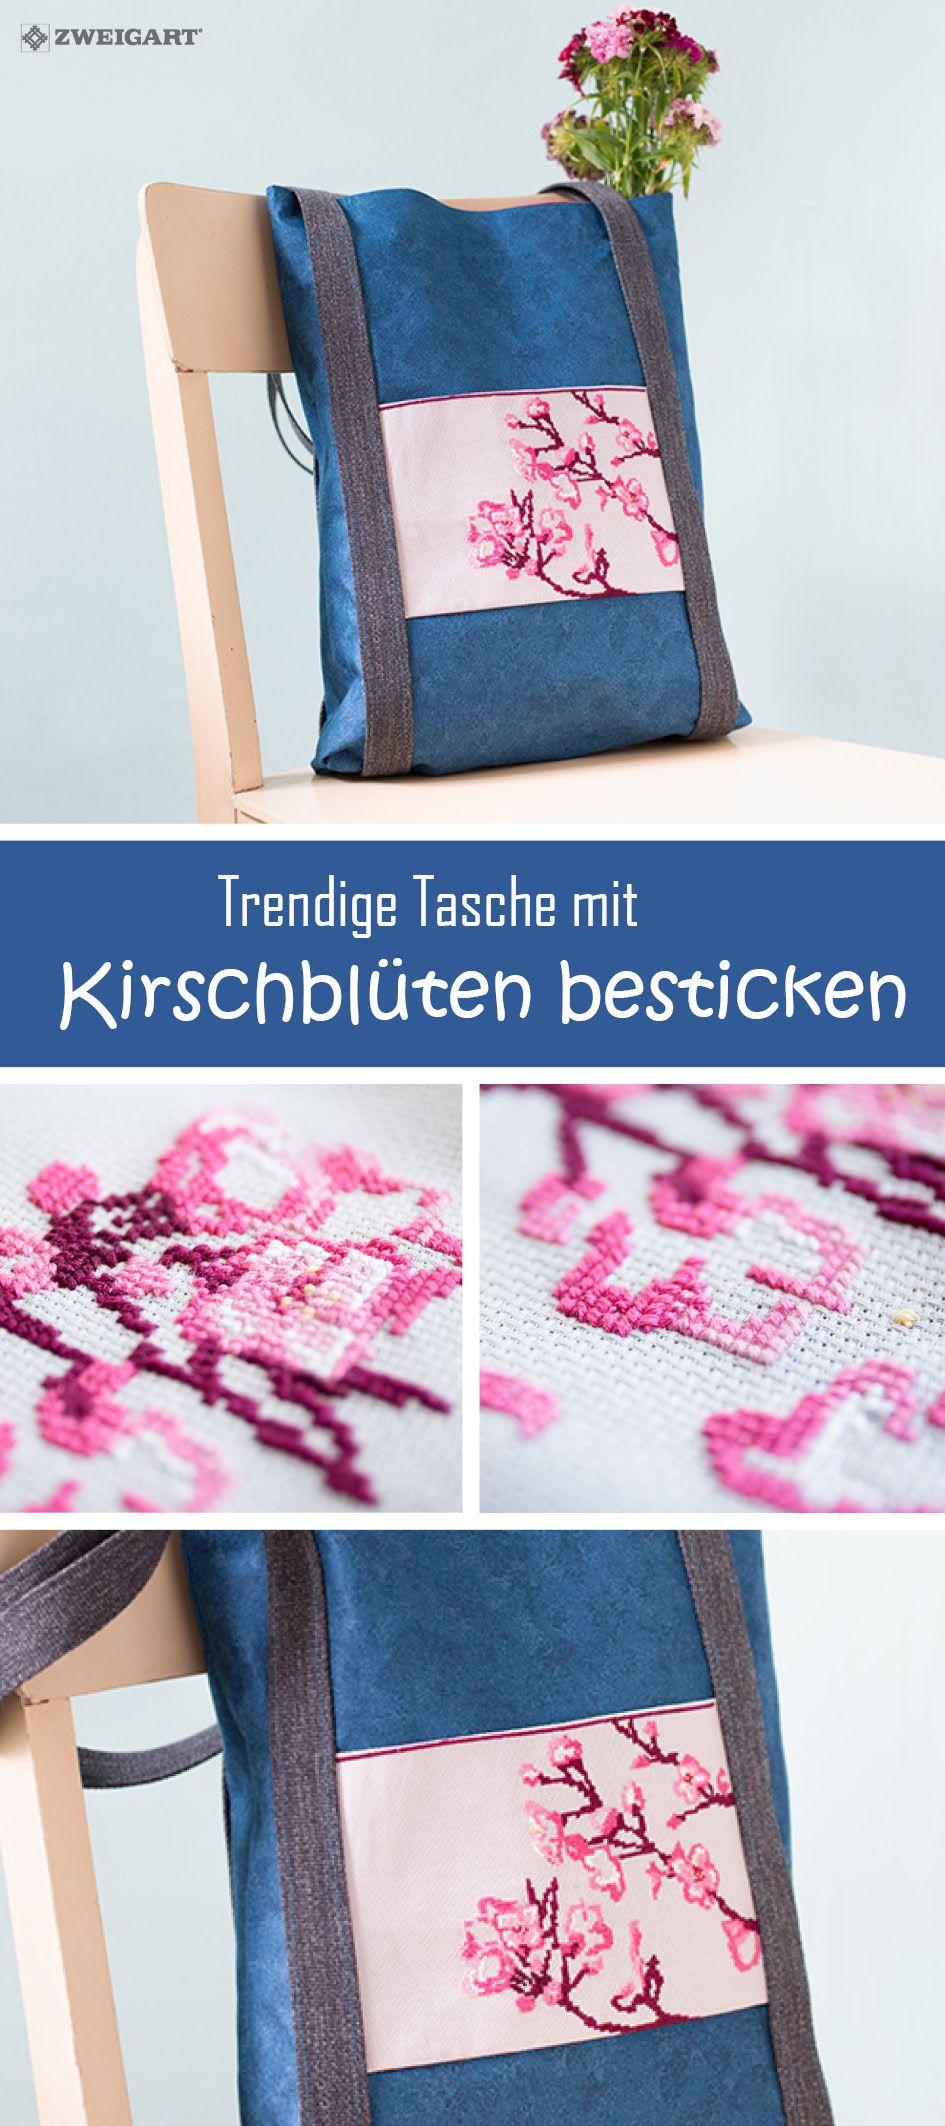 Tasche mit Kirschblüten besticken #DIY / #Sticken #Kreuzstich ...